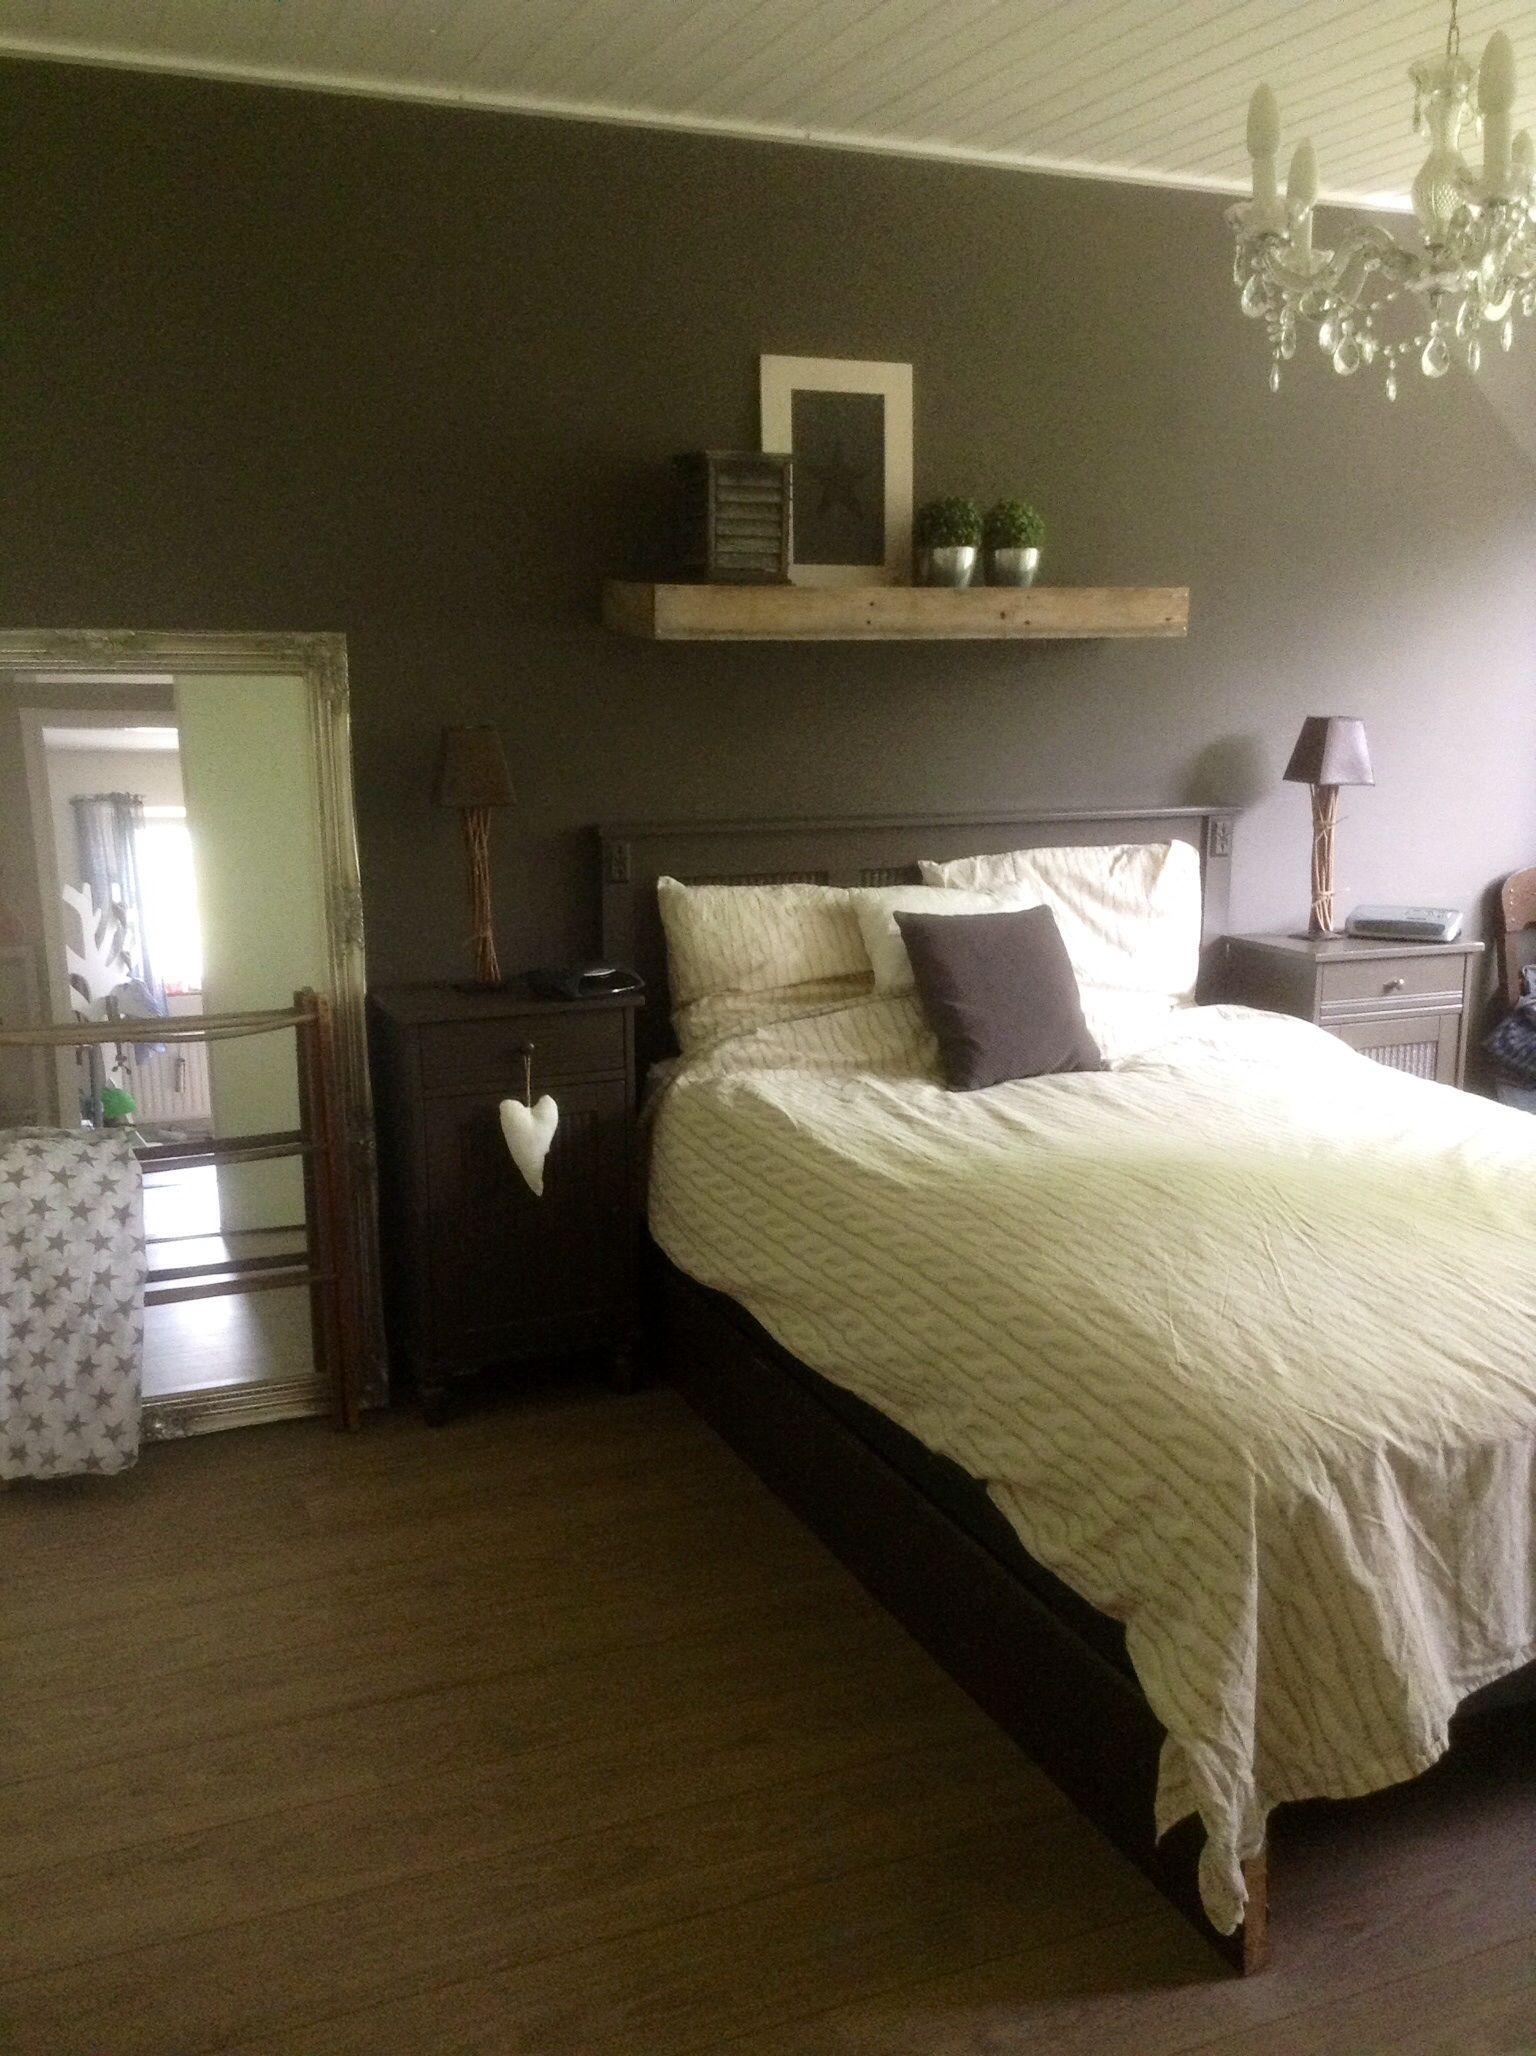 Slaapkamer landelijke sfeer - Slaapkamer | Pinterest - Slaapkamer ...